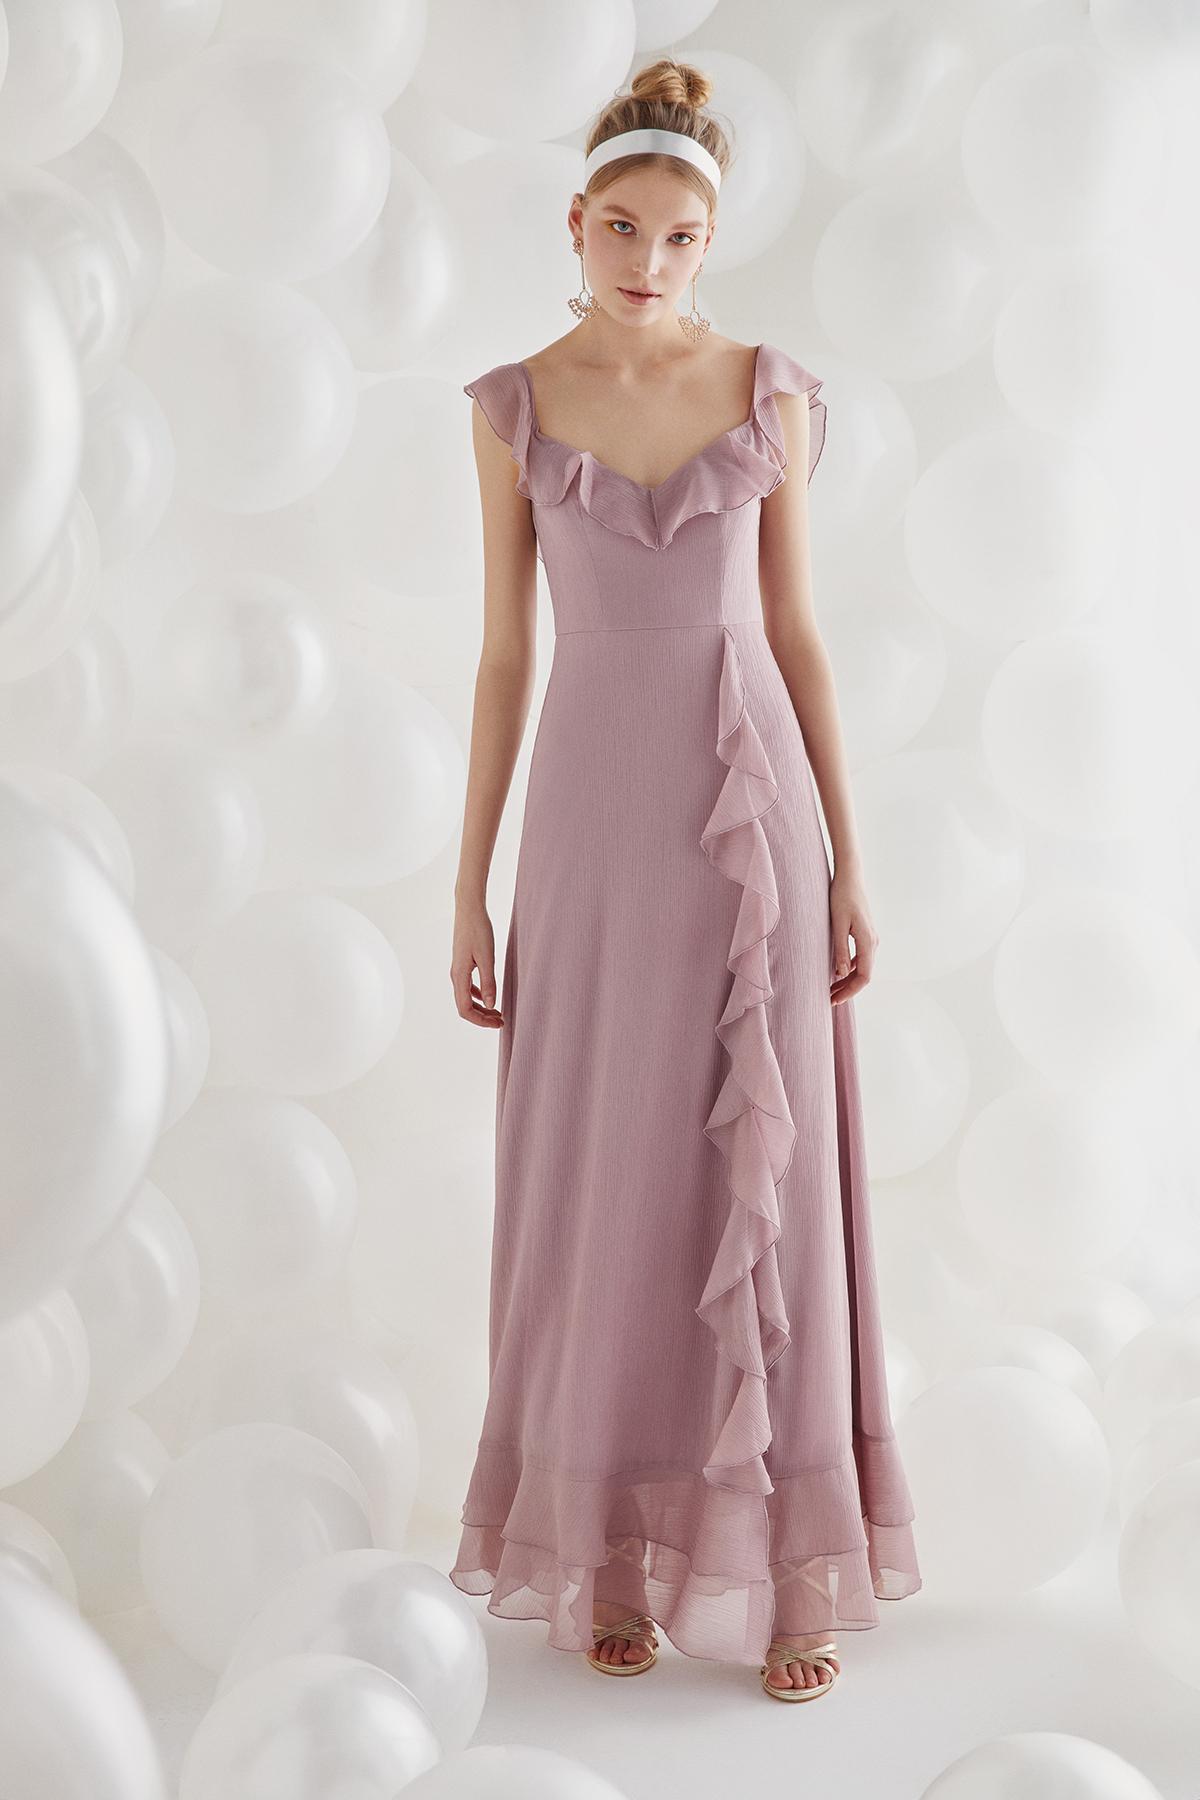 Leylak Rengi Fırfırlı Yırtmaçlı Uzun Elbise - Thumbnail